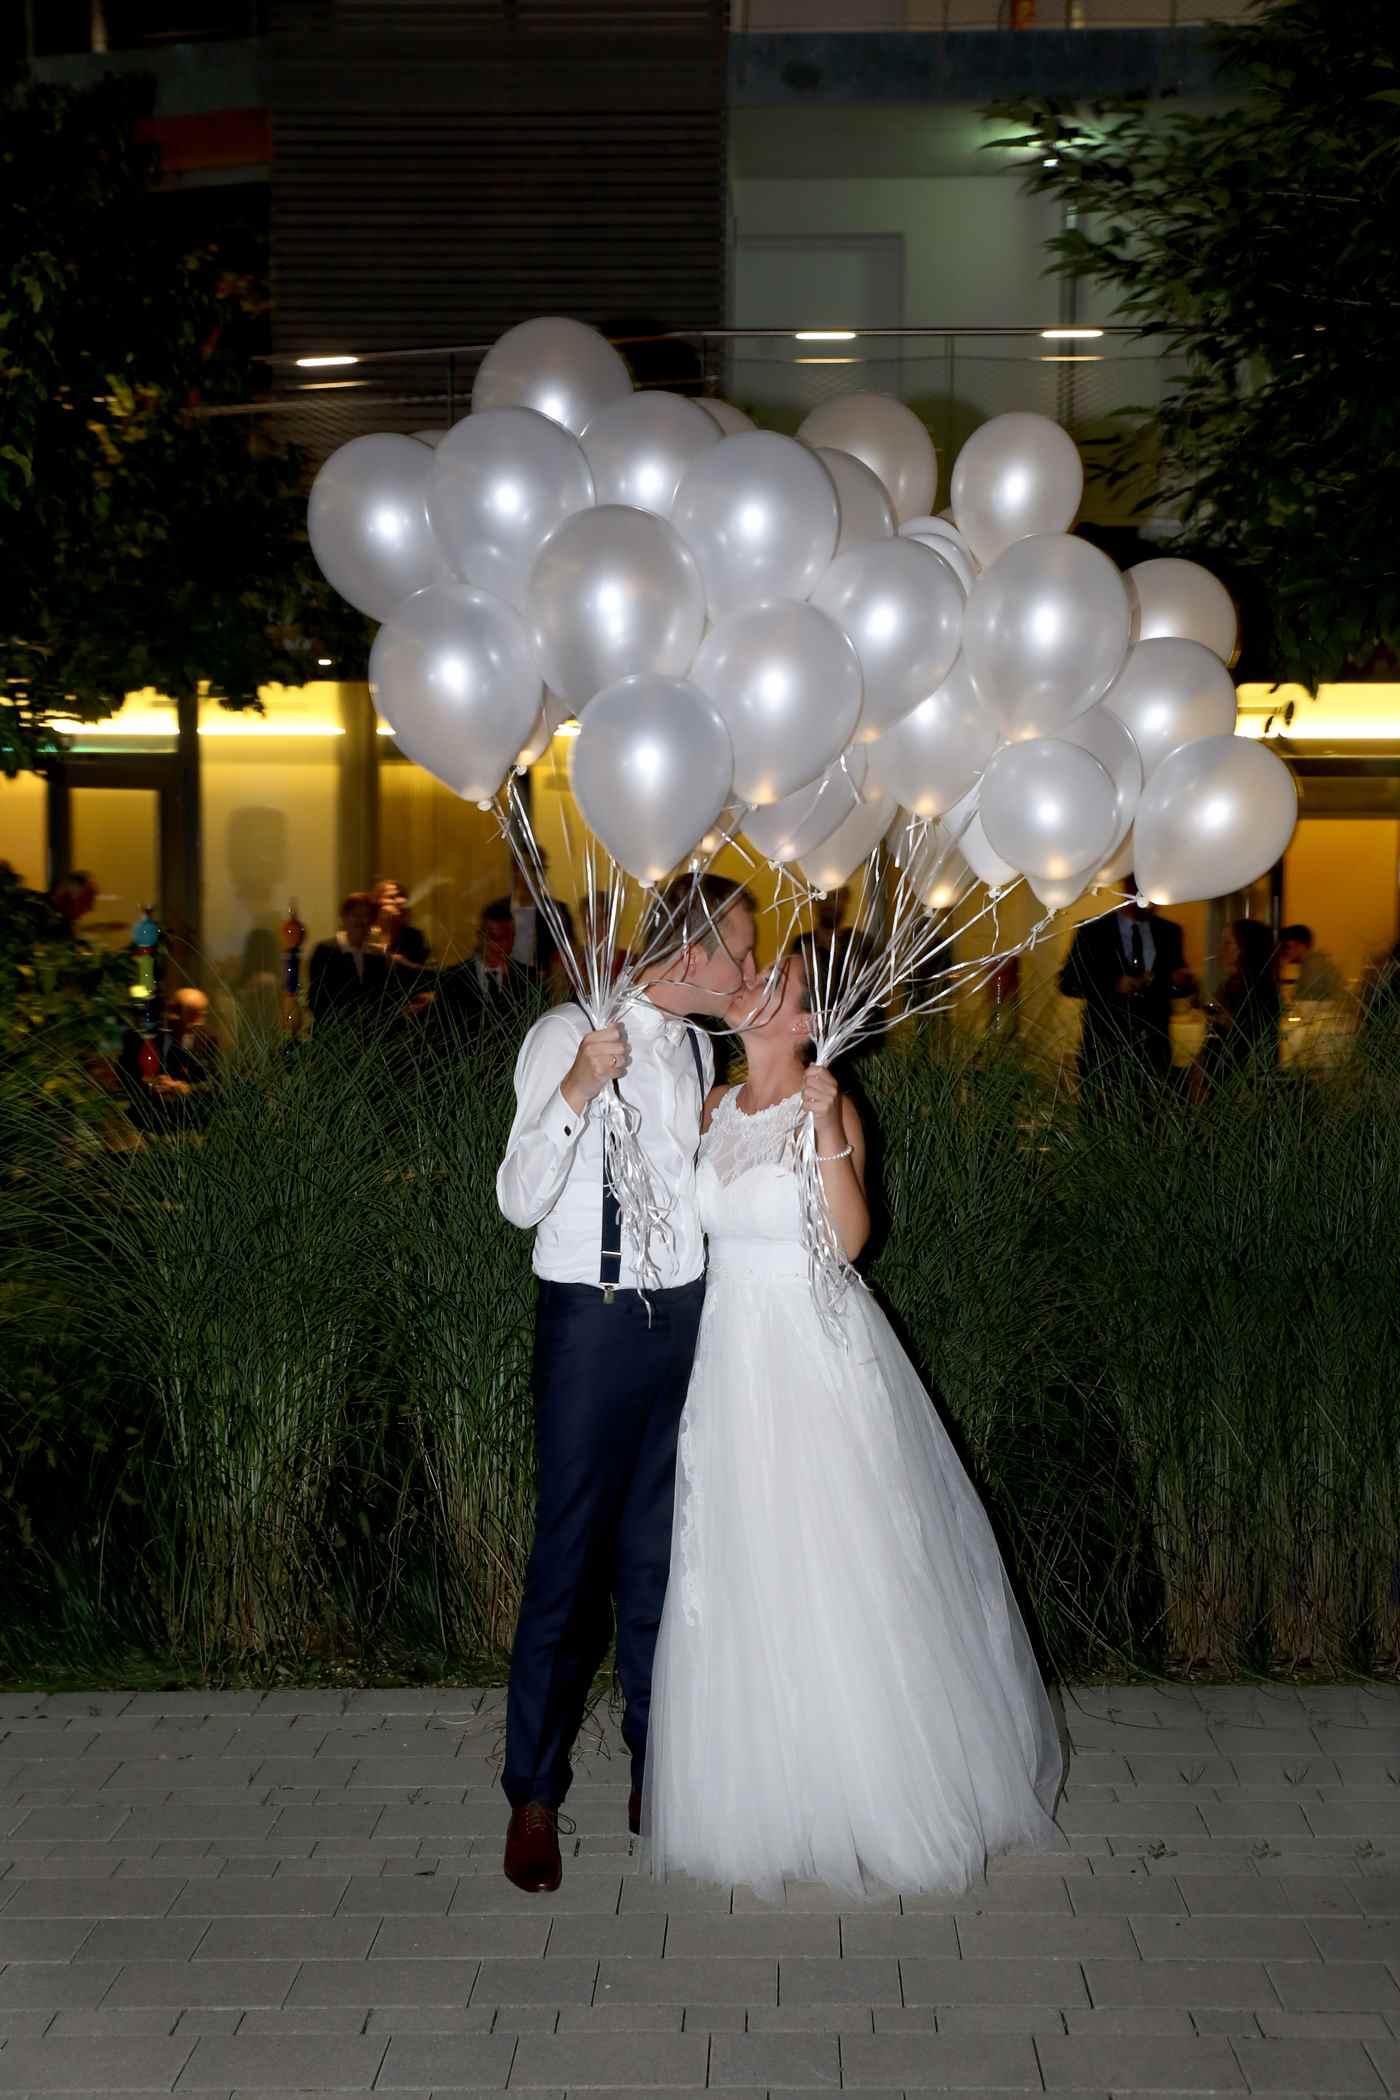 Helium Ballons in weiß vom Brautpaar gehalten